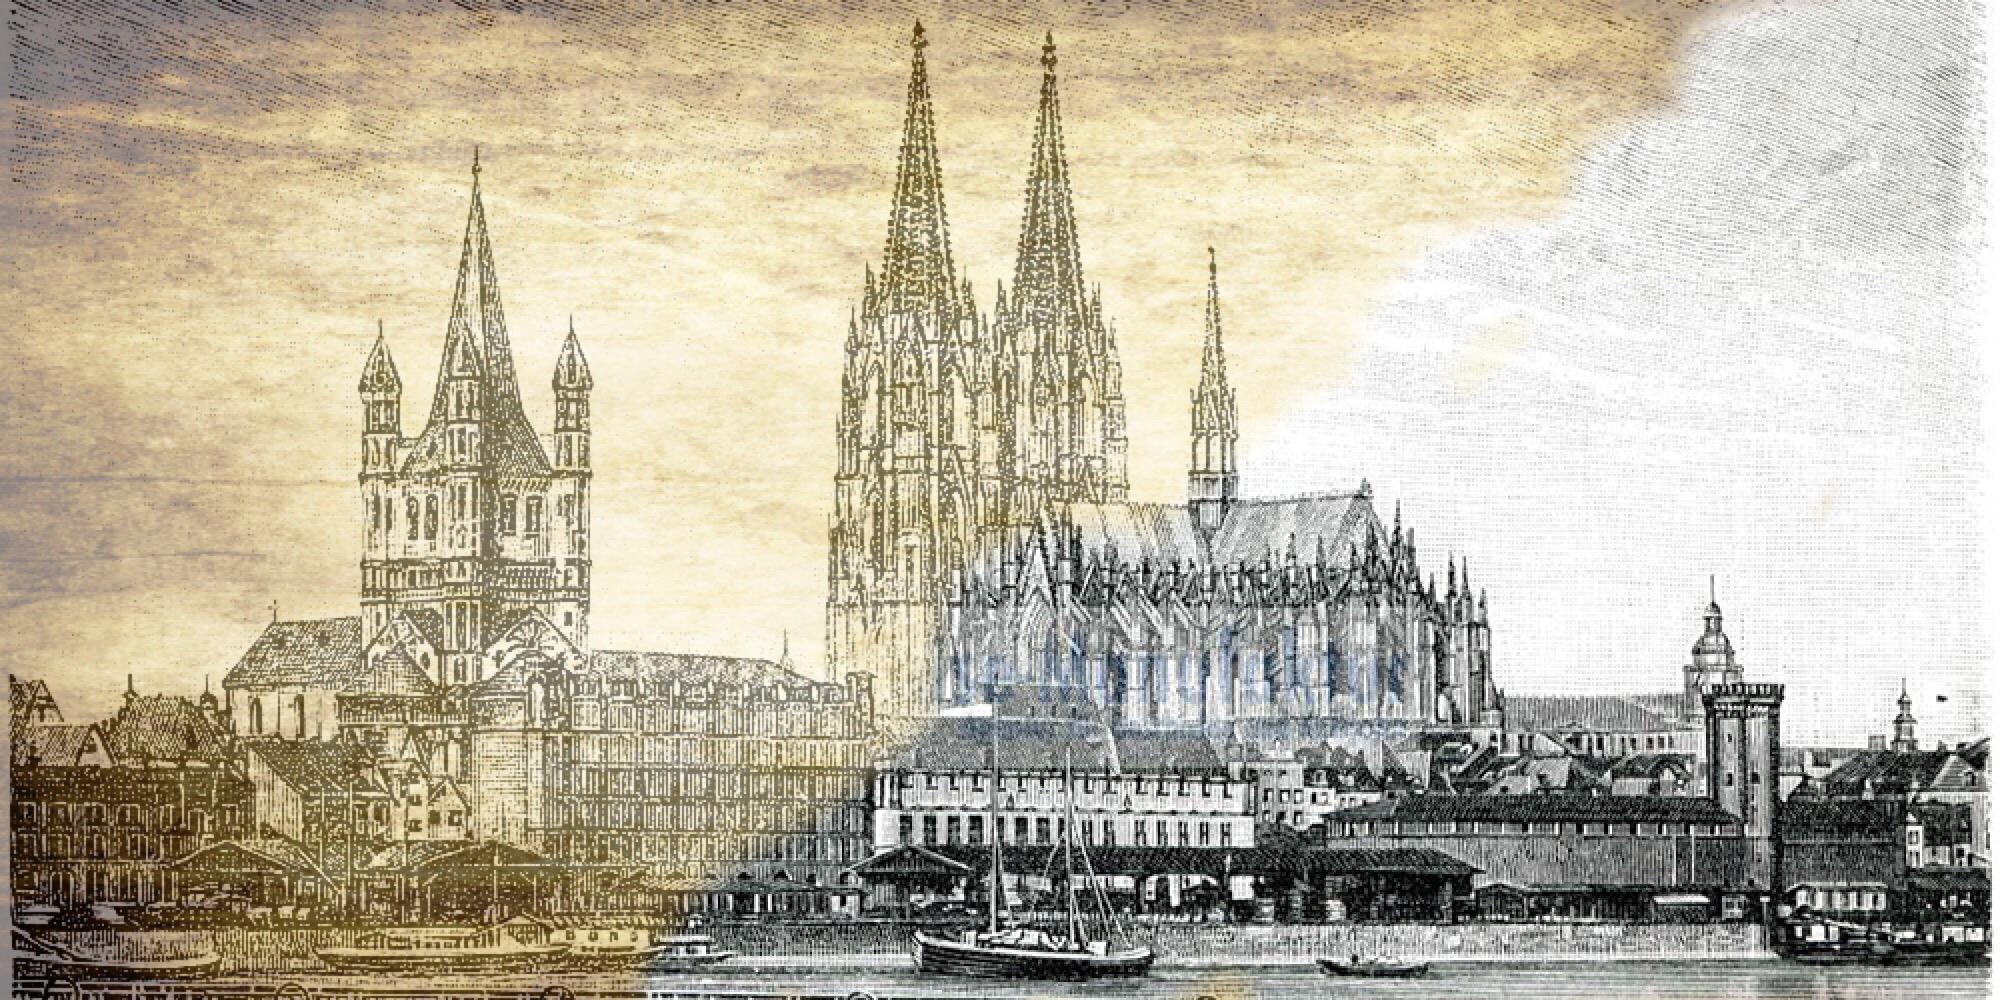 Historische Bilder: Sakralbauten und Profanbauten